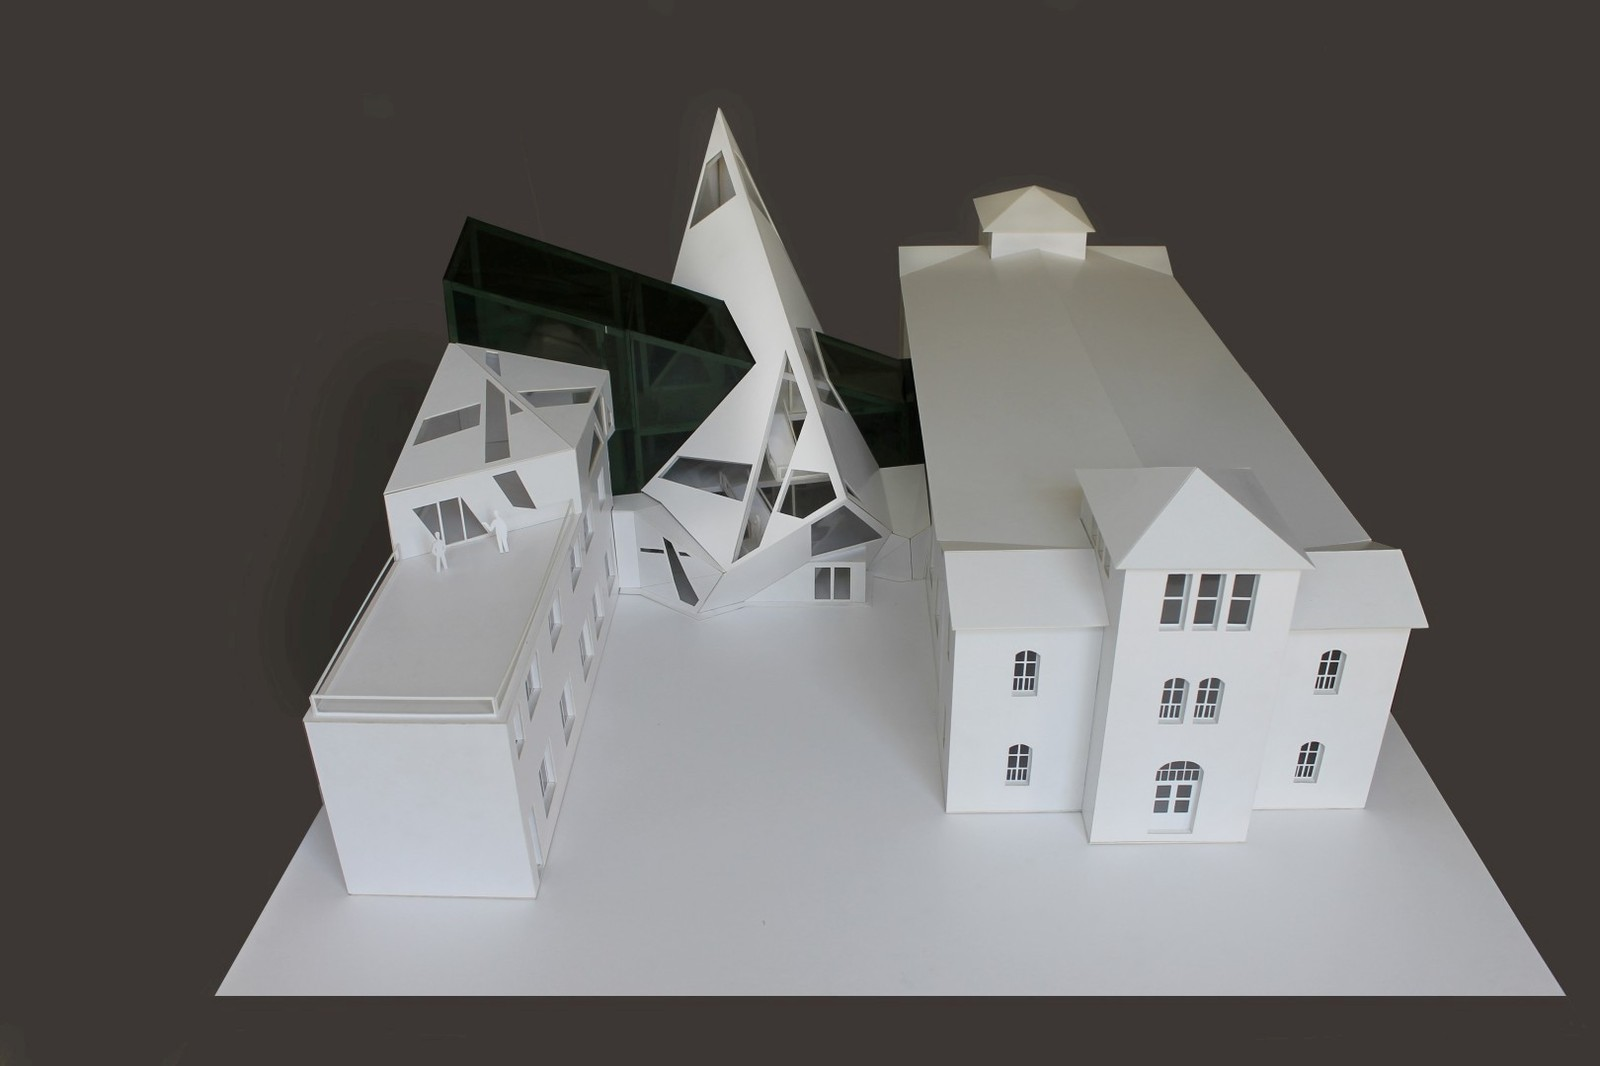 Дипломный макет в художке Дипломный макет в художке макет архитектура творчество здание деконструктивизм катрон